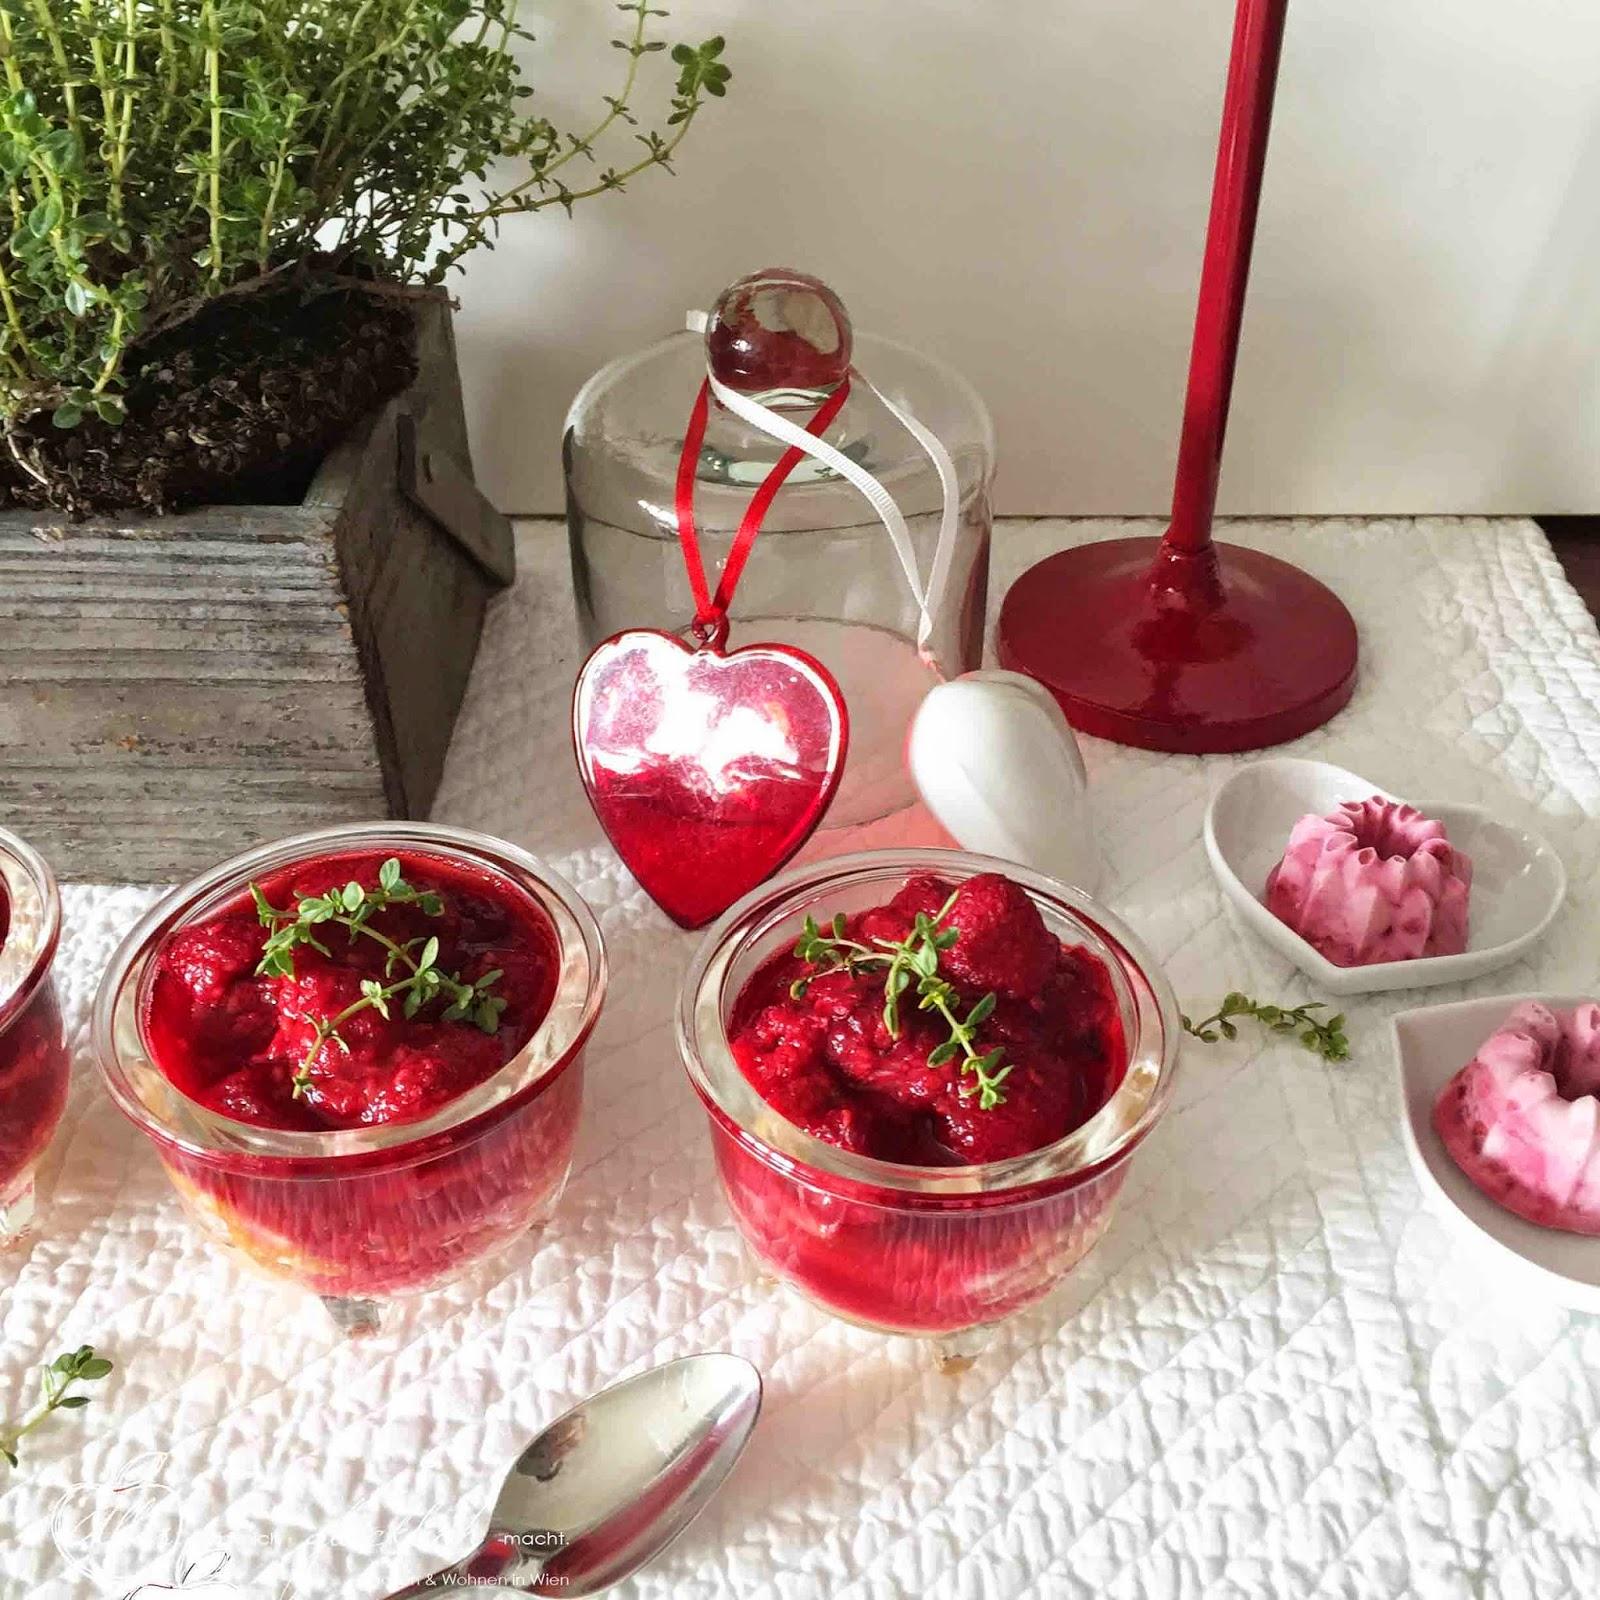 Luftiger Topfenauflauf im Glas mit Zitronenthymian-Himbeersauce